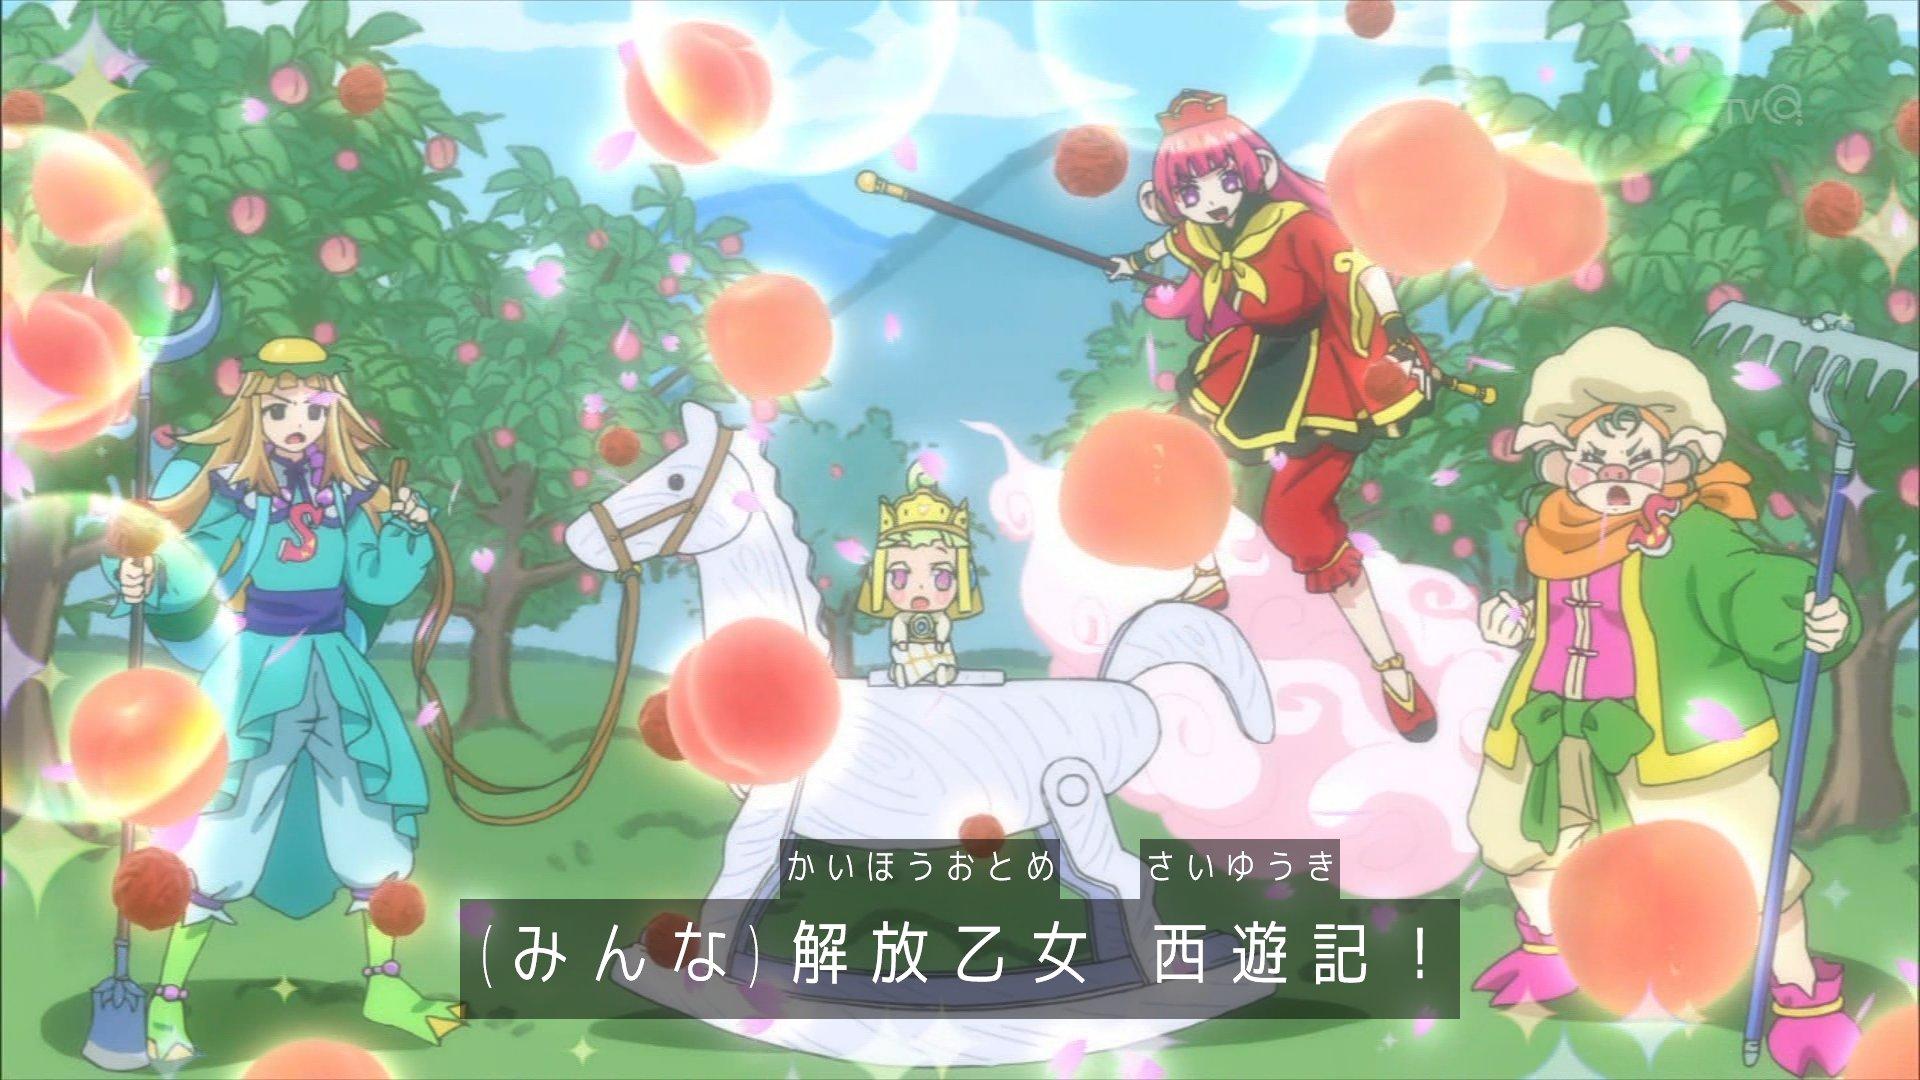 スーパーミラクルうめぇピーチ